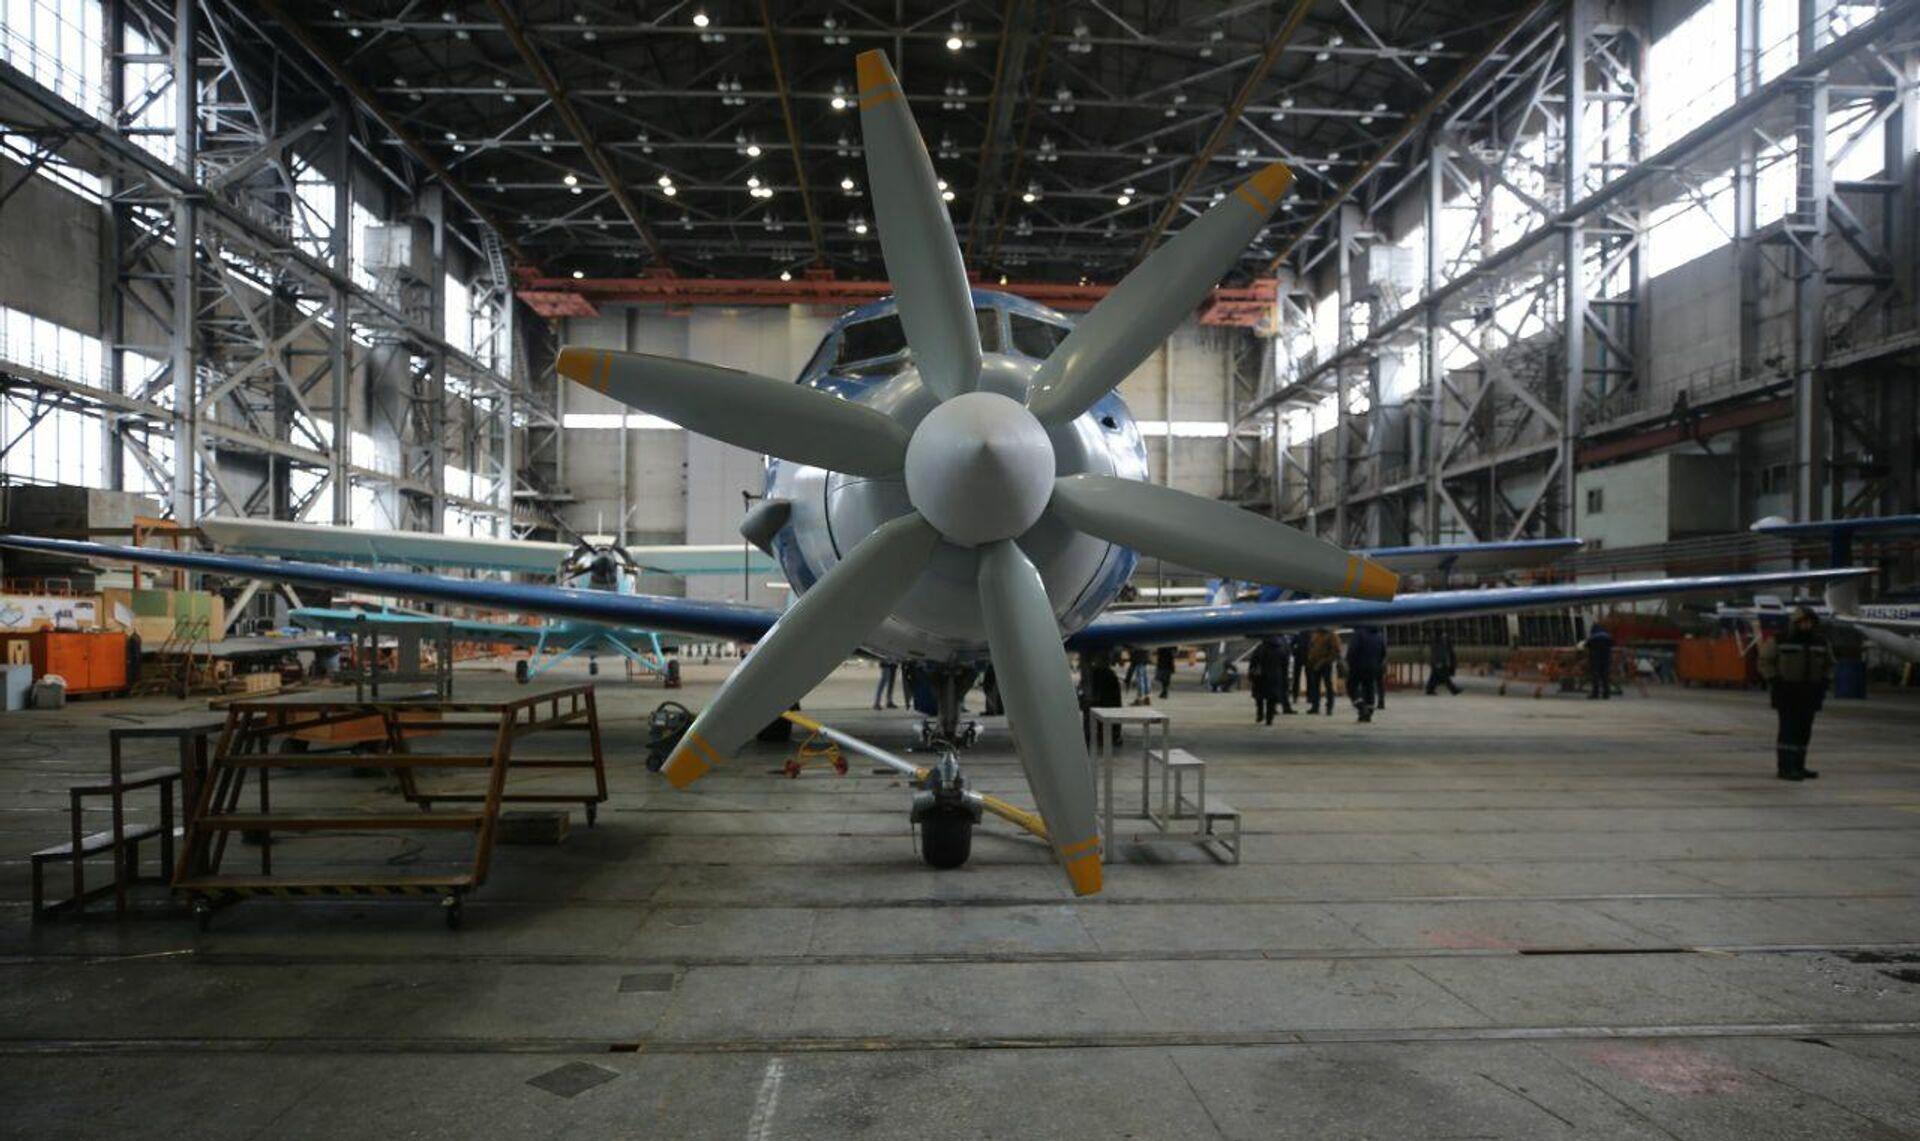 Испытания первого гибридного авиадвигателя - РИА Новости, 1920, 05.02.2021